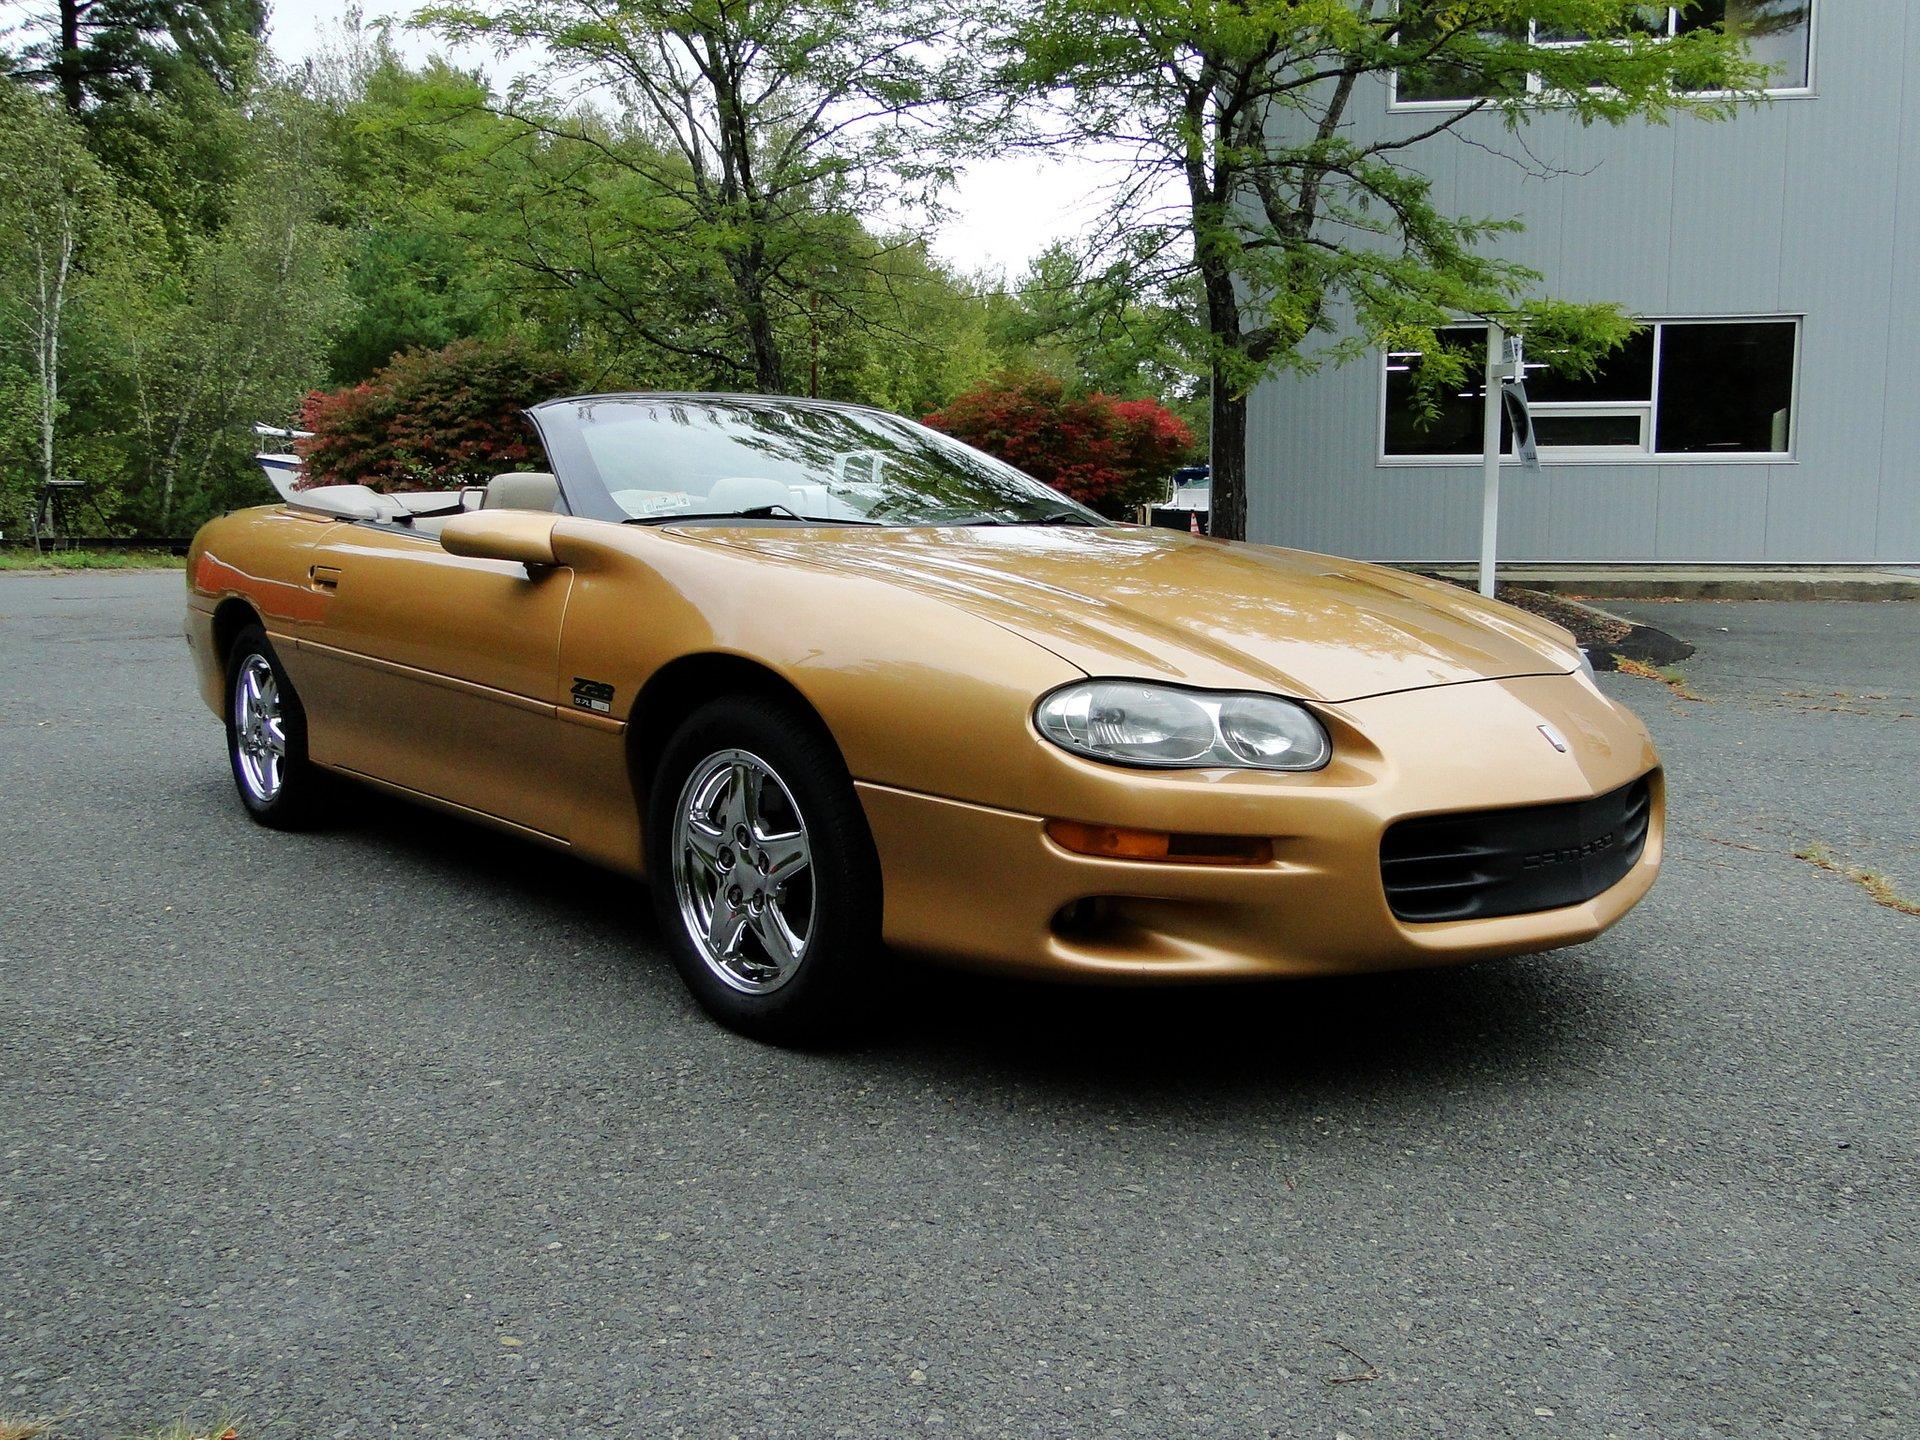 1998 chevrolet camaro z28 convertible